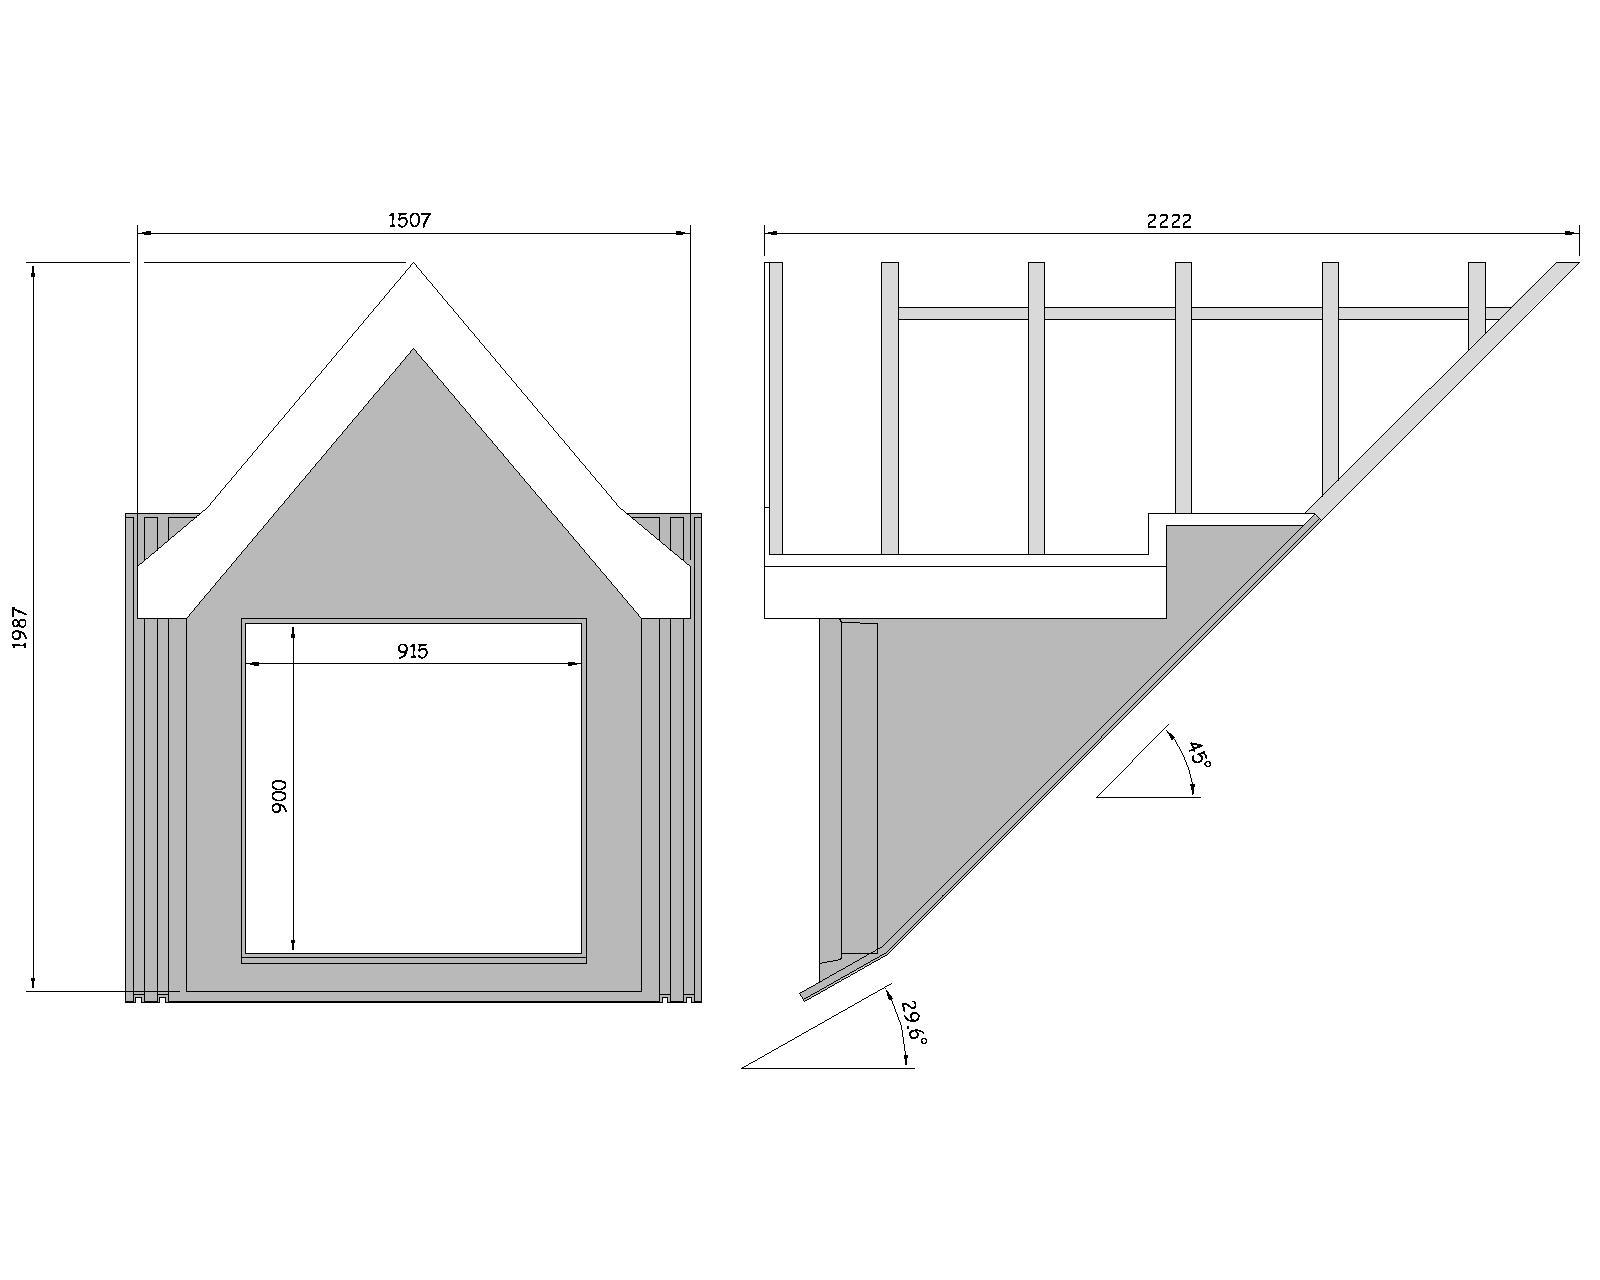 45 176 Apex Roof Dormer Grp Window Surround 10362 03